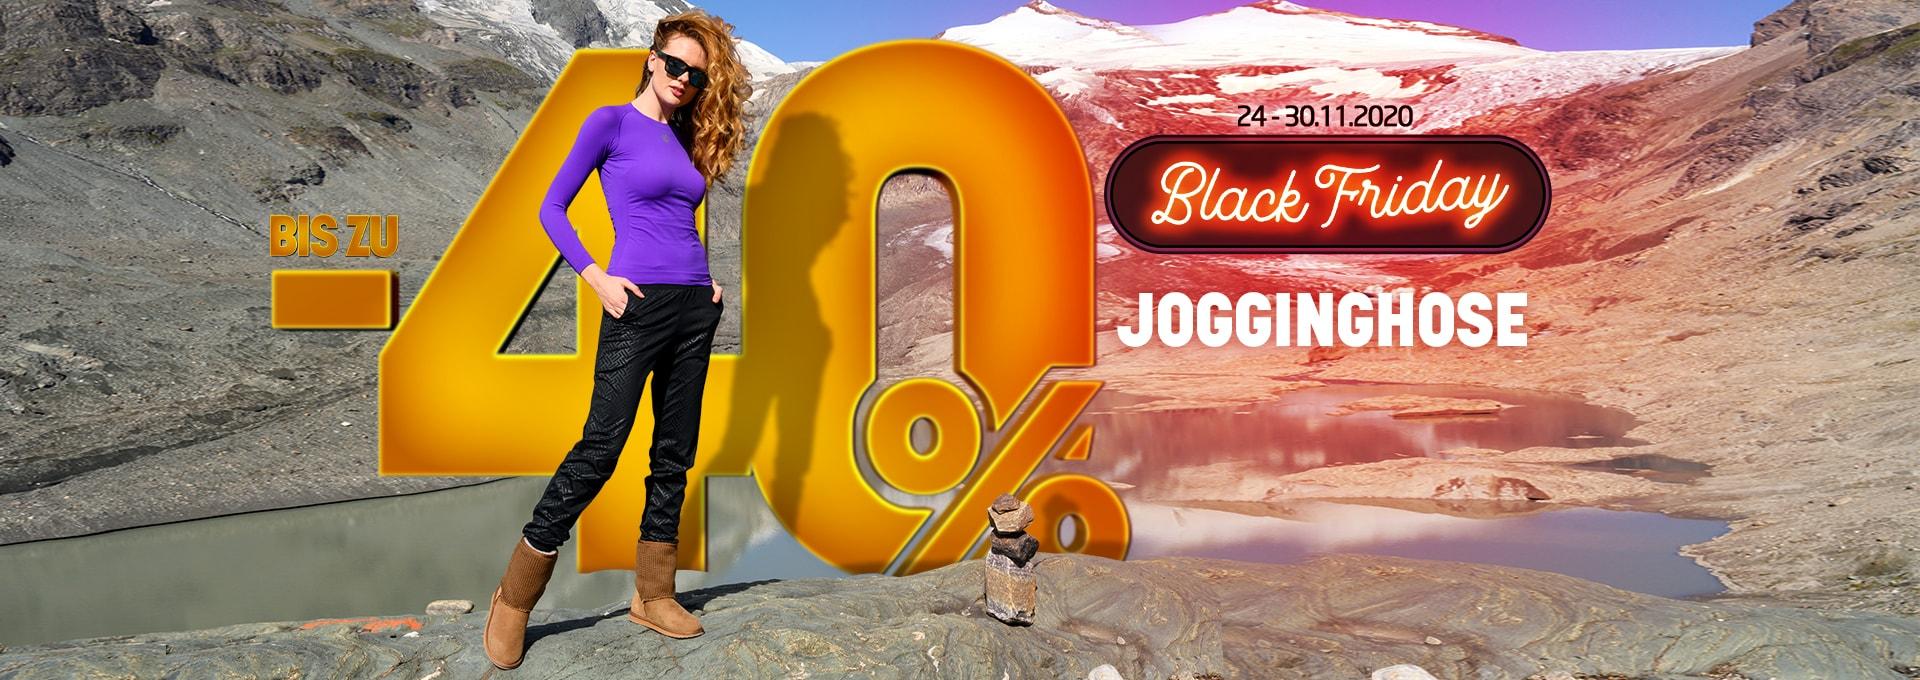 Spodnie dresowe Black Friday de